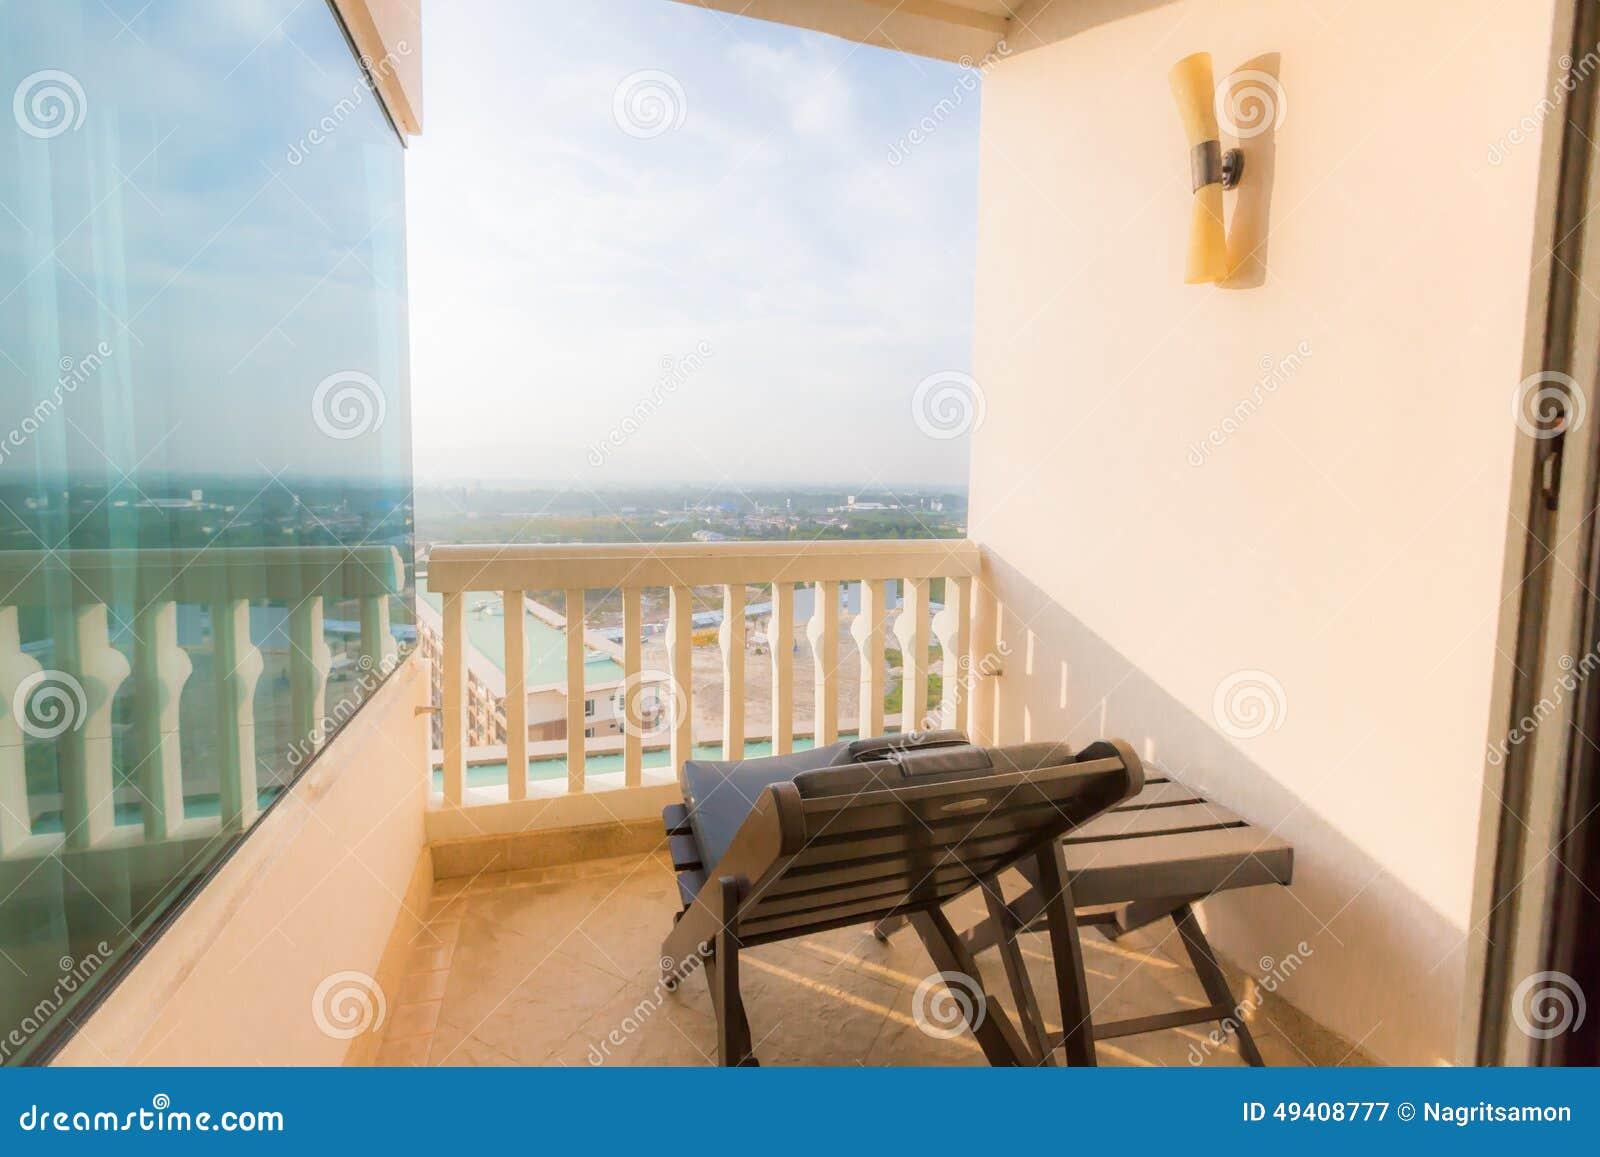 Download Hoher Luxusbalkon stockbild. Bild von außen, leer, cityscape - 49408777